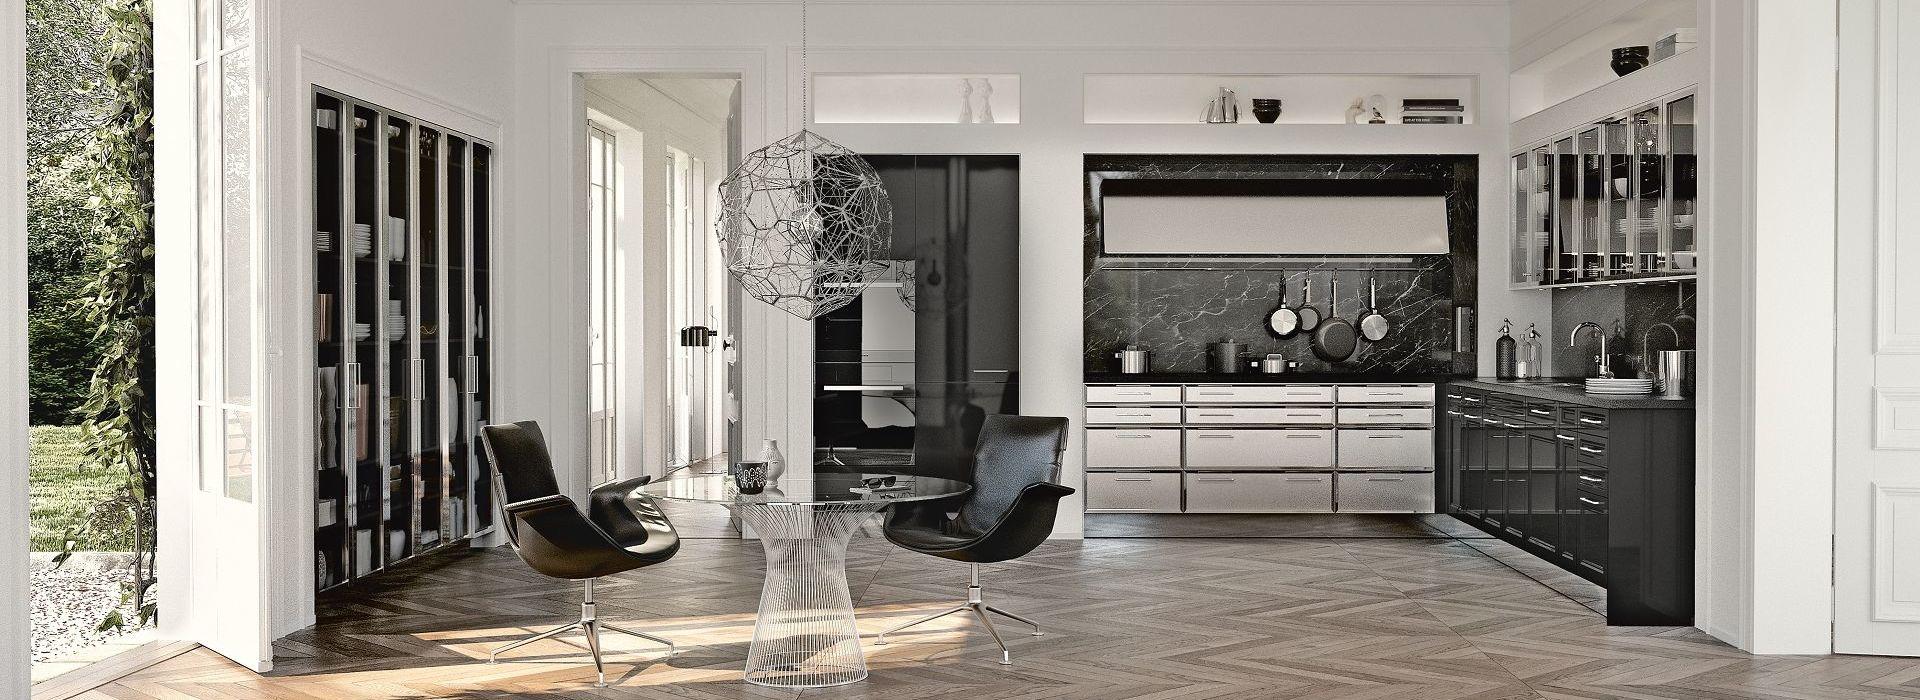 Luxus Küchen luxus-küchen von zeitloser eleganz | siematic